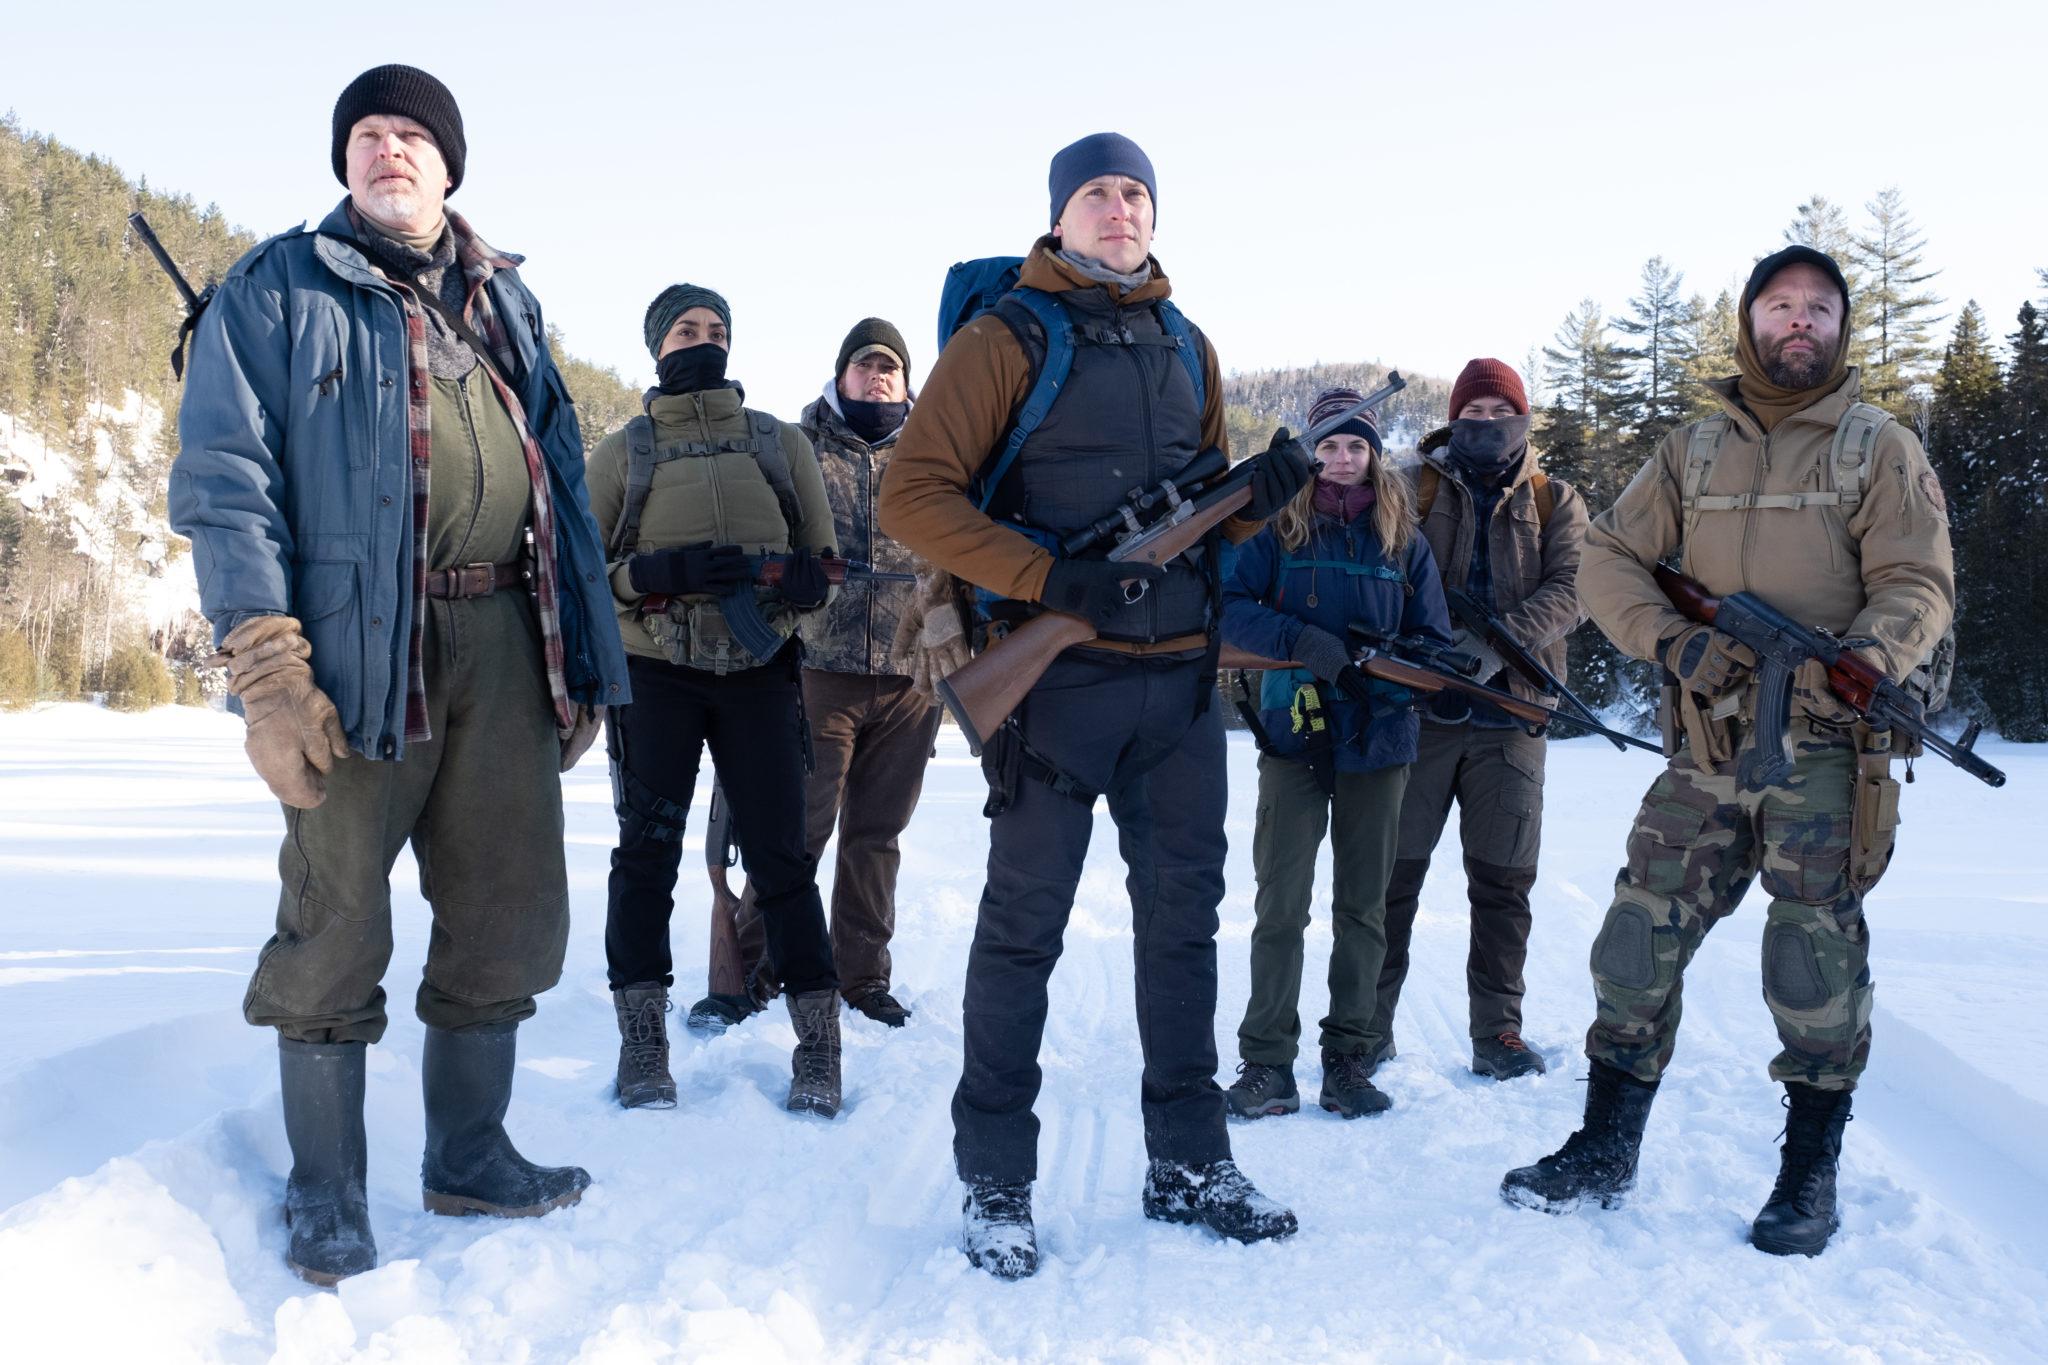 Die komplette Gruppe der Teilnehmer steht mit Ausrüstung und Bewaffnung auf einer großen Schneefläche